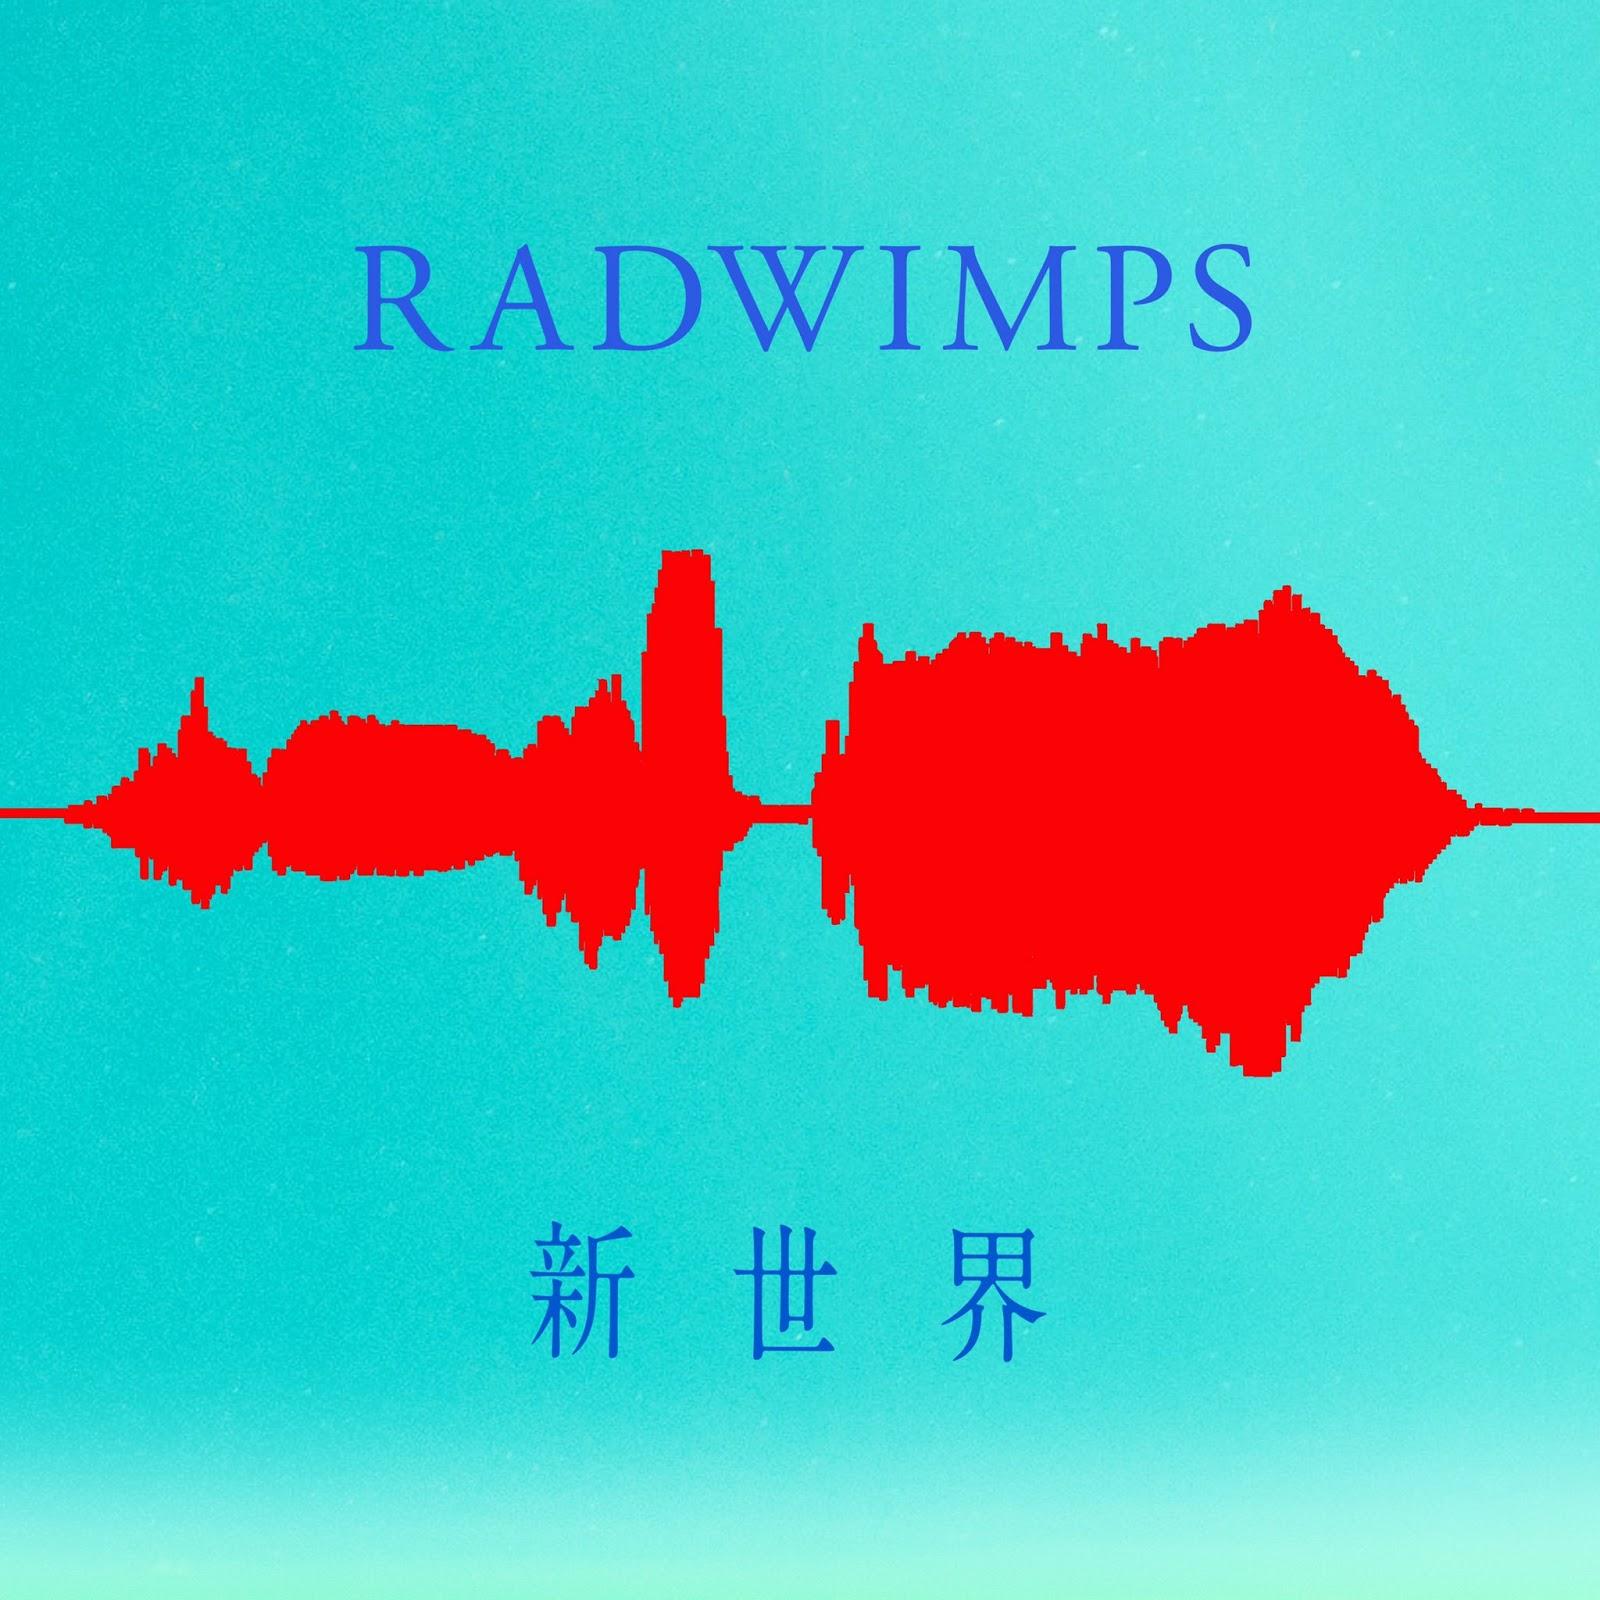 RADWIMPS - Shinsekai